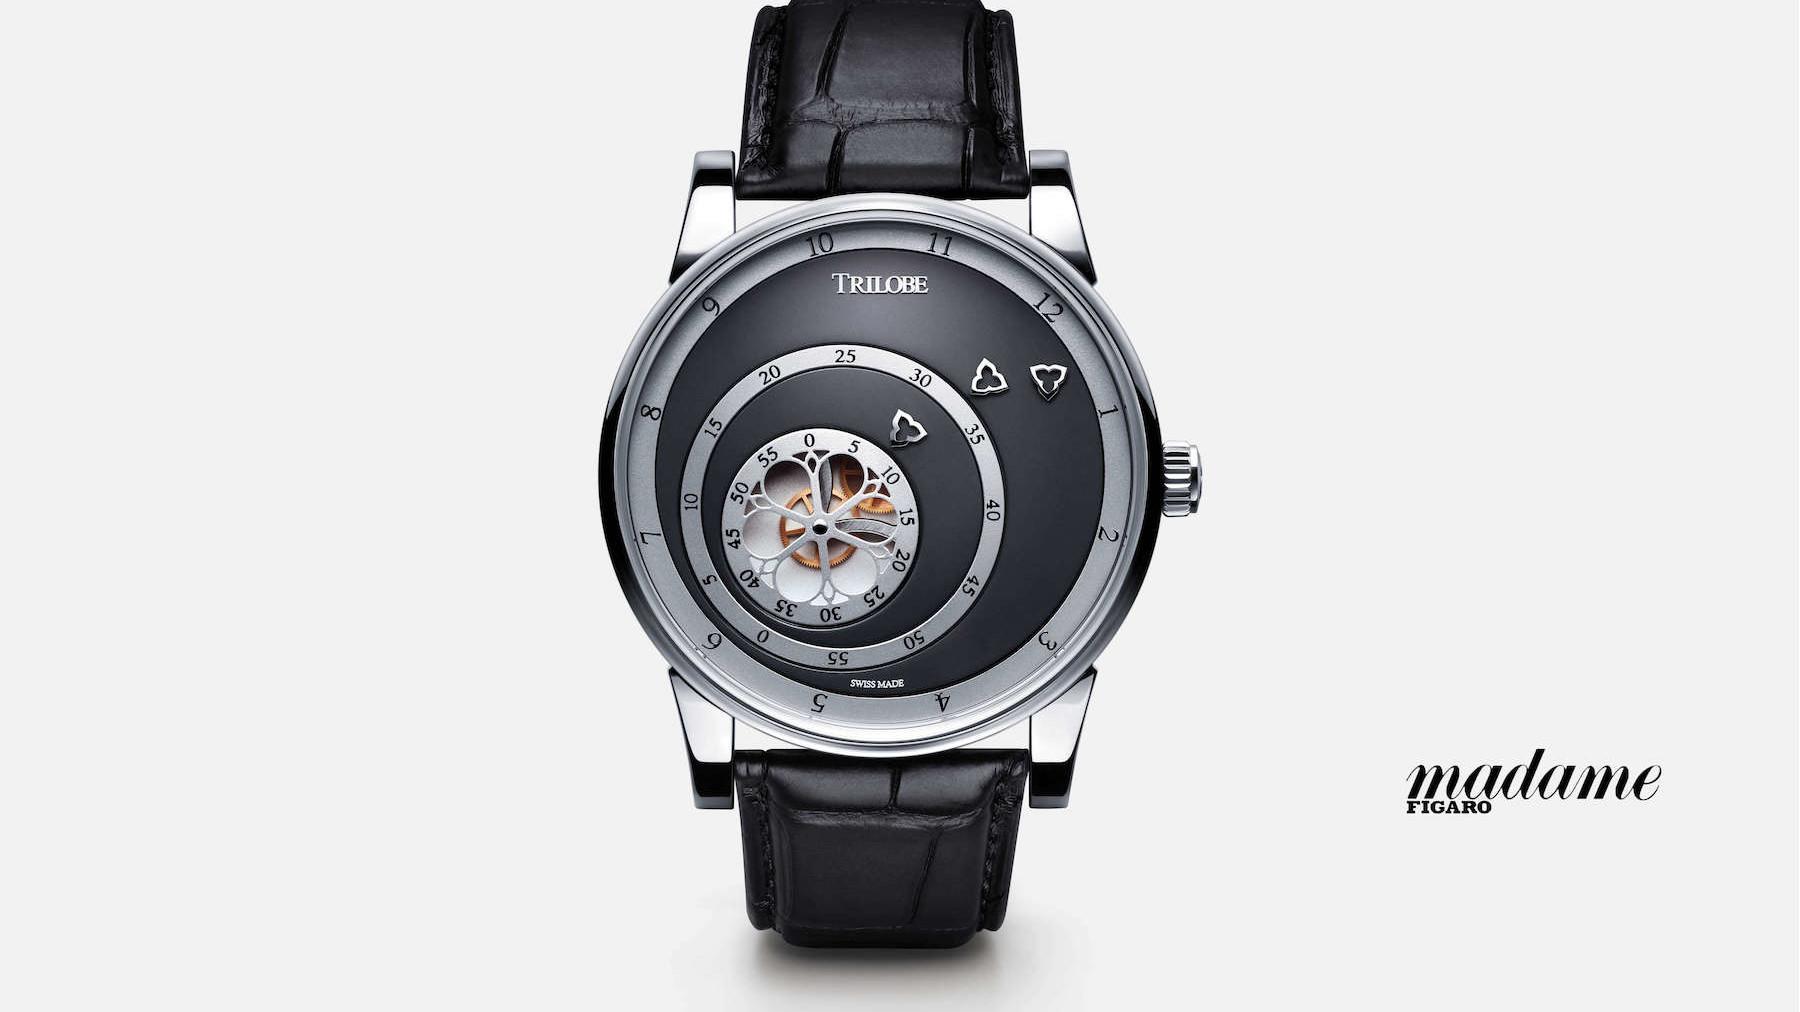 Article sur la marque de montres de luxe Trilobe dans Madame Figaro